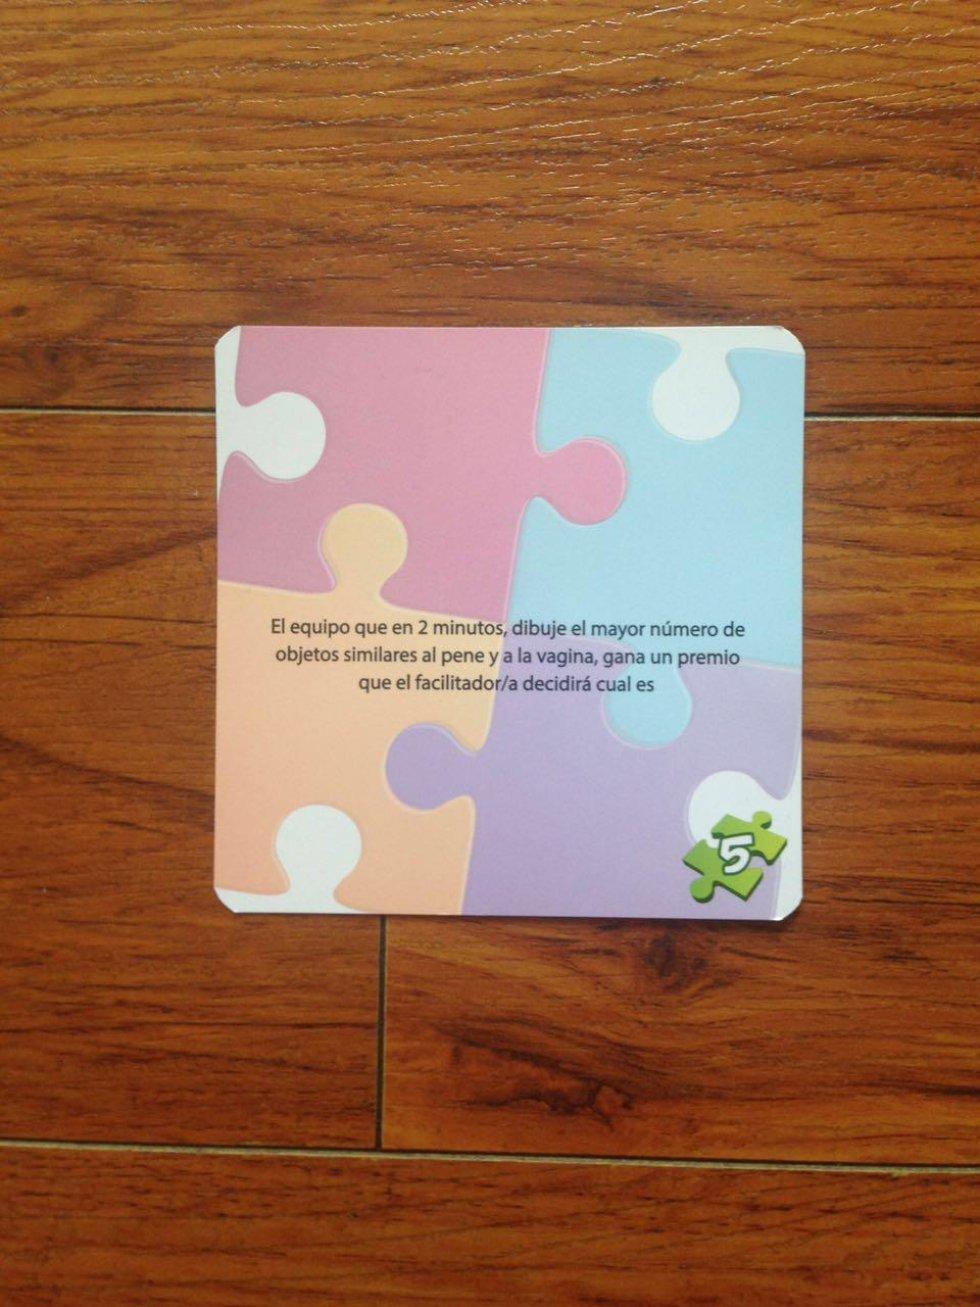 El kit escolar presuntamente fue distribuido en 10 colegios de la capital del Magdalena